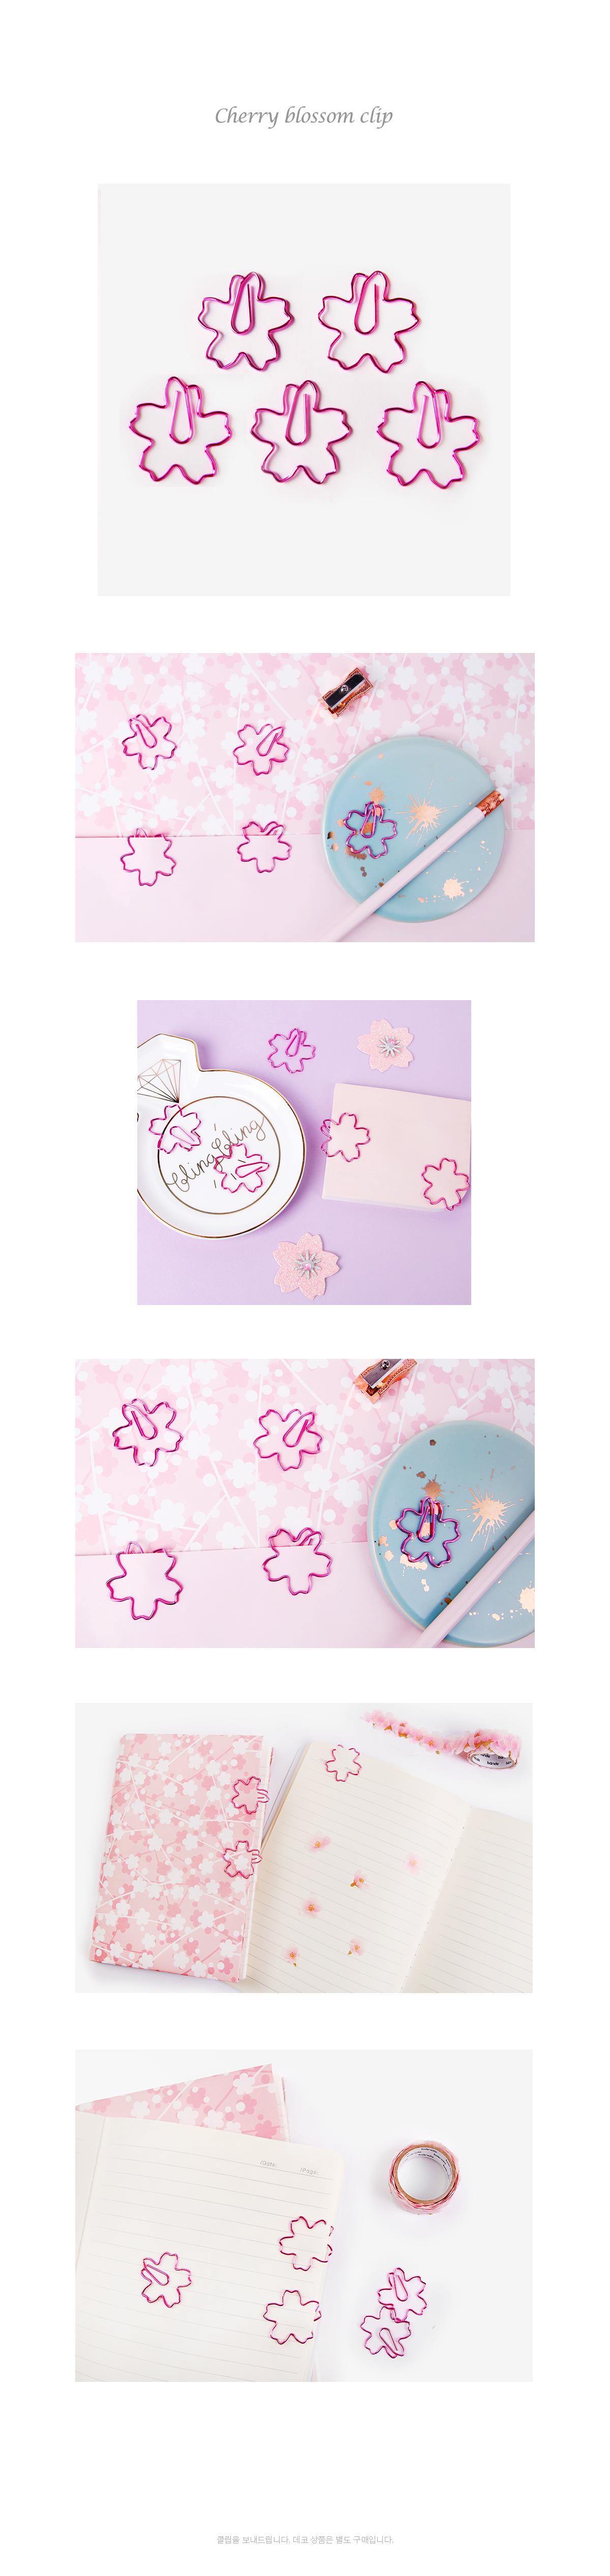 핫핑크 벚꽃 클립 (5개) - 인디고샵, 2,000원, 클립/핀/집게, 더블클립